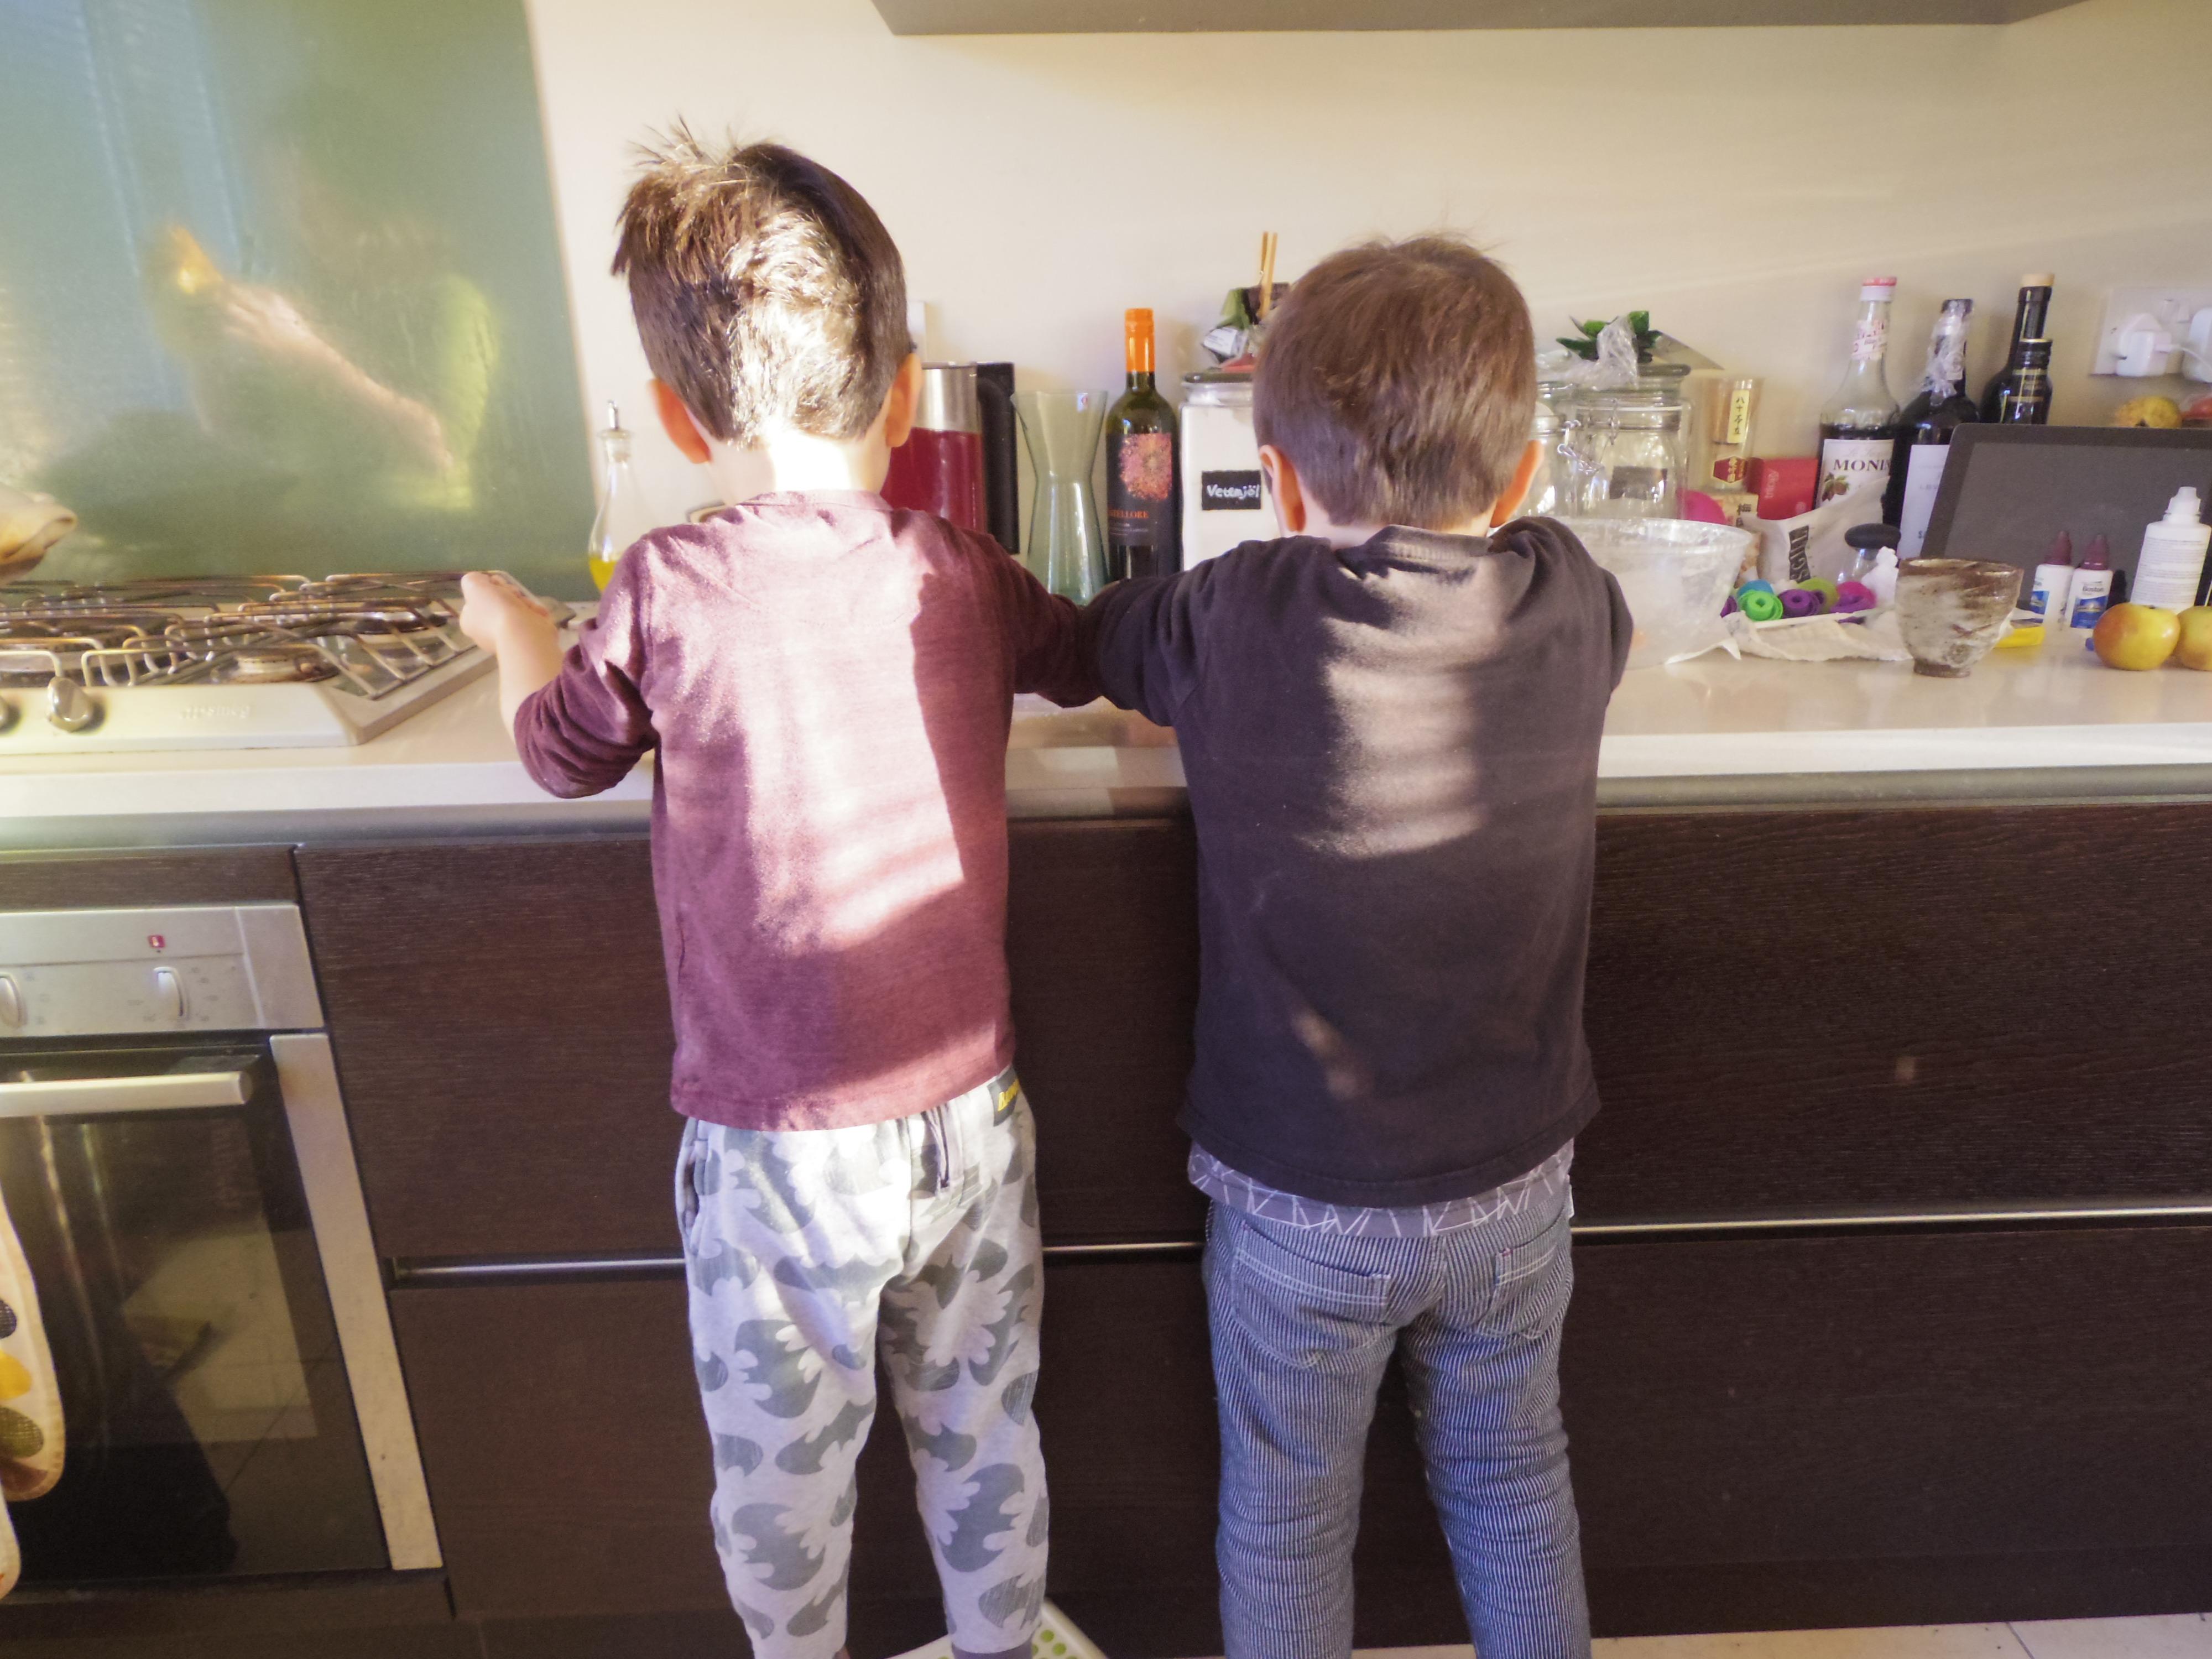 イギリスで手作り粉もの祭!子供たちと一緒にピザやうどんを作るのだ!!その1。